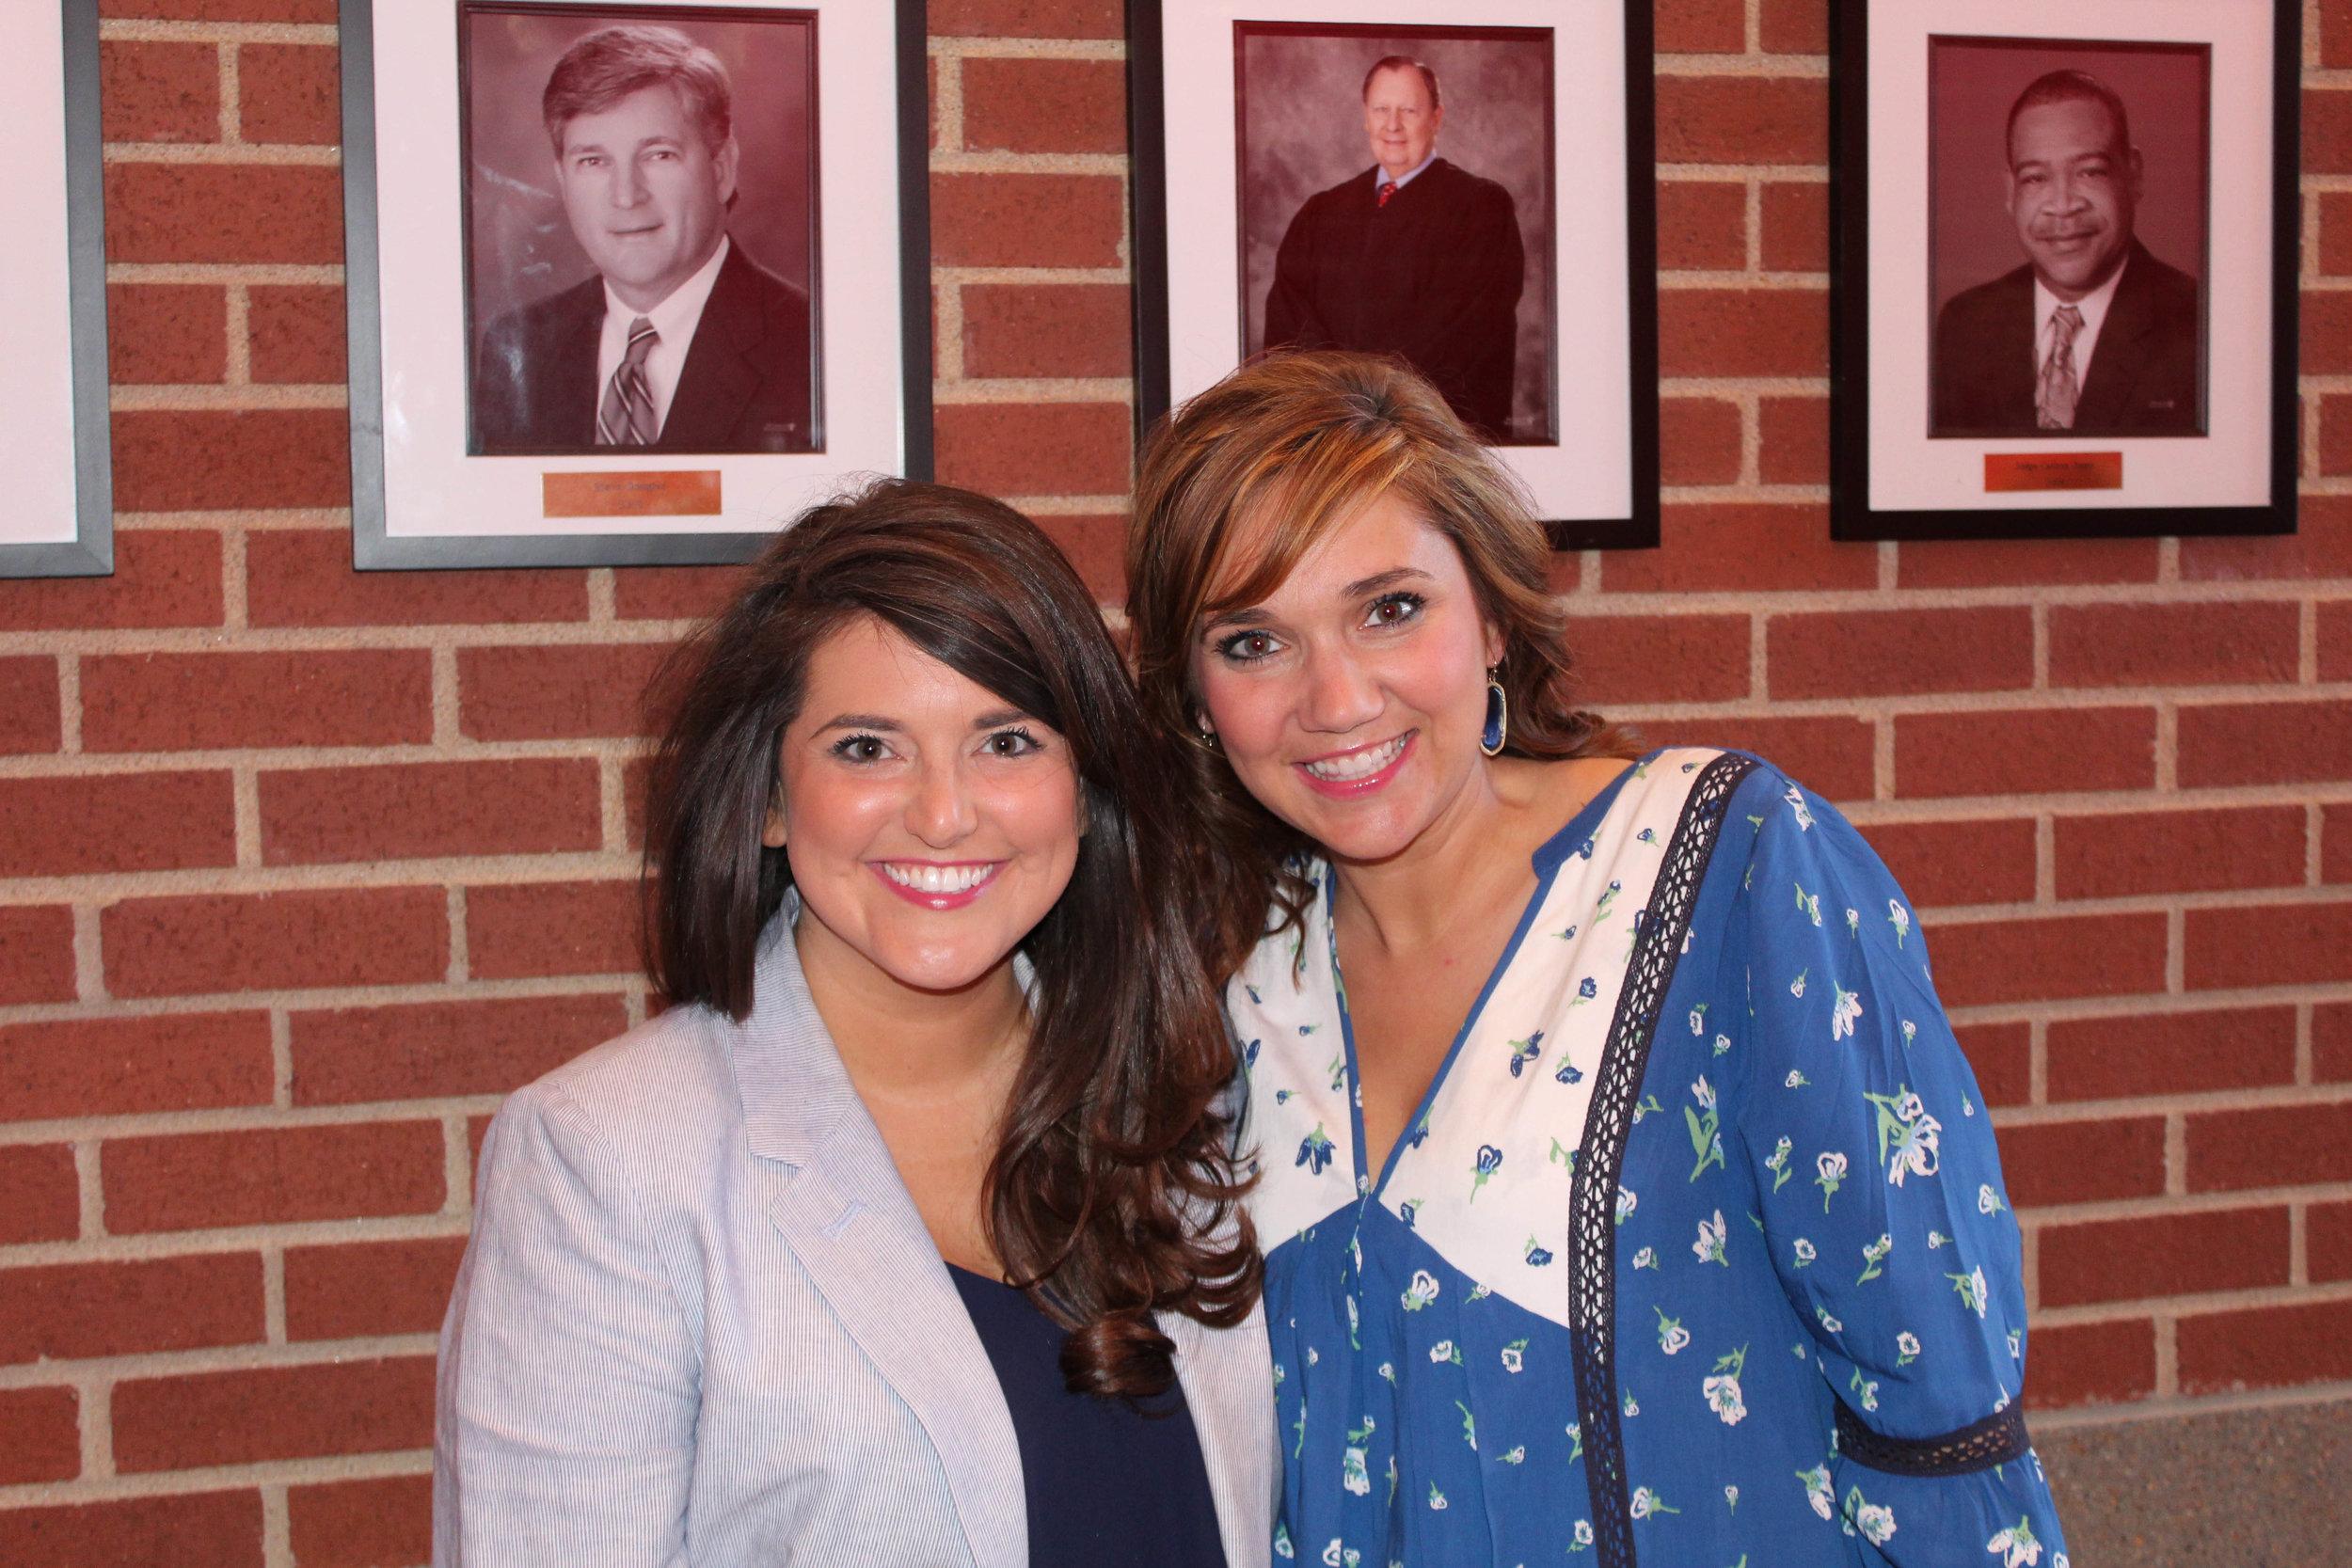 Samantha Bryant and Leah Sams